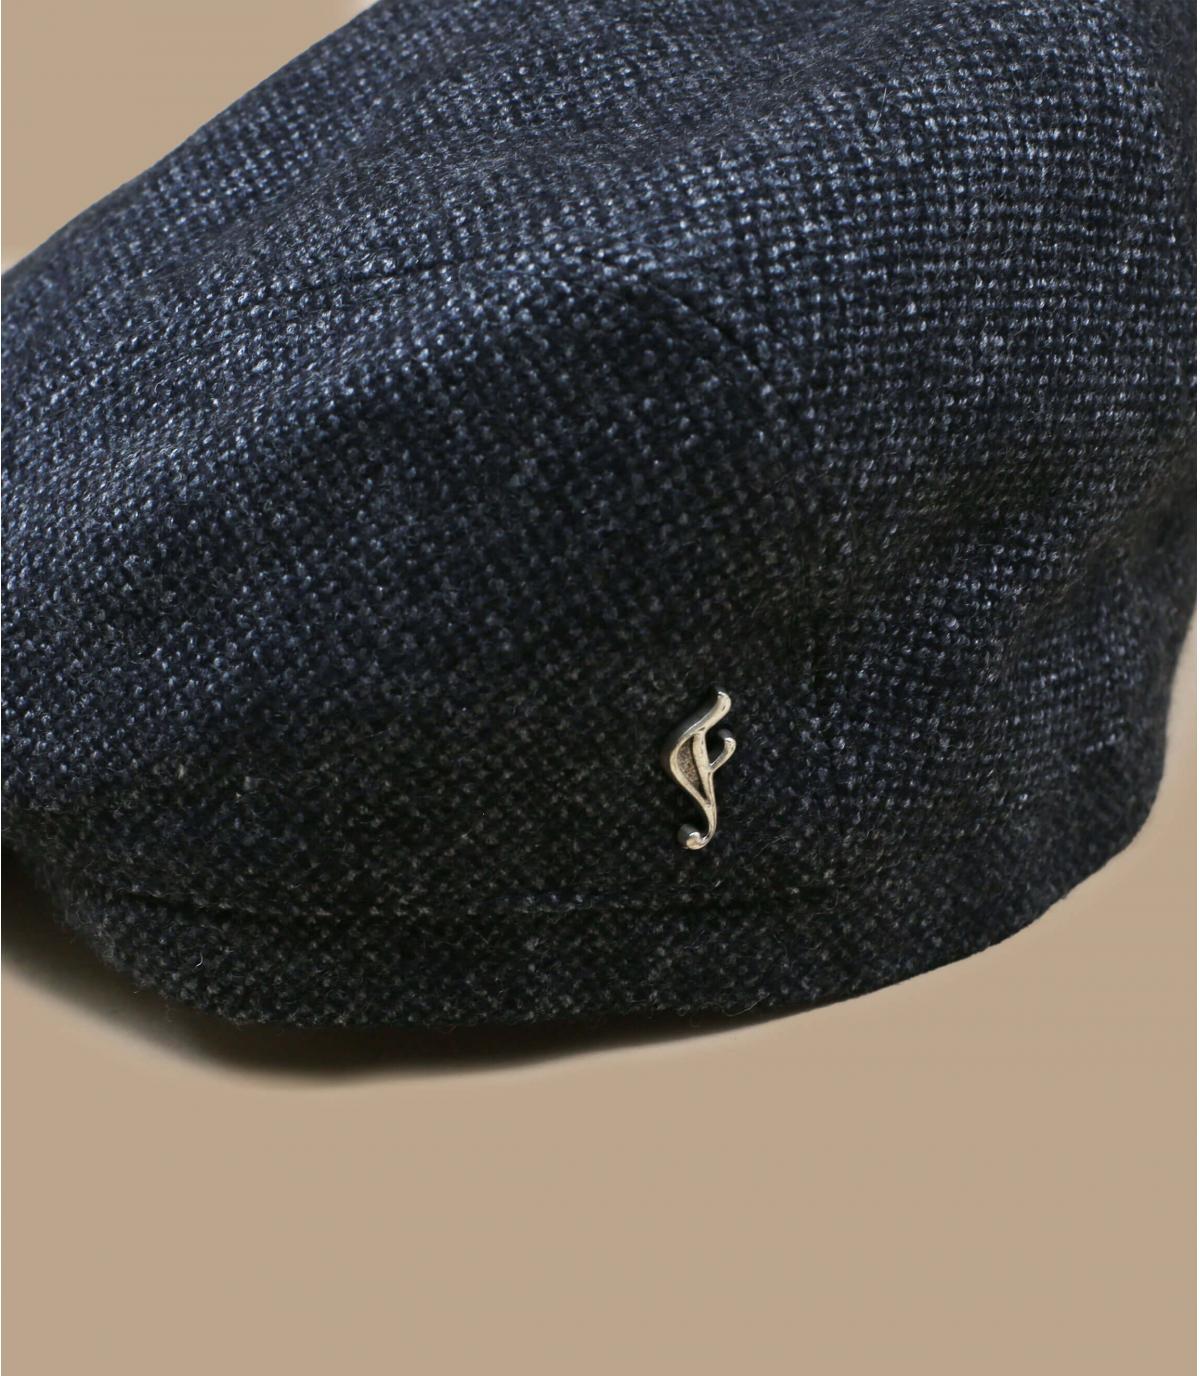 Schiebermütze grau Wolle bio